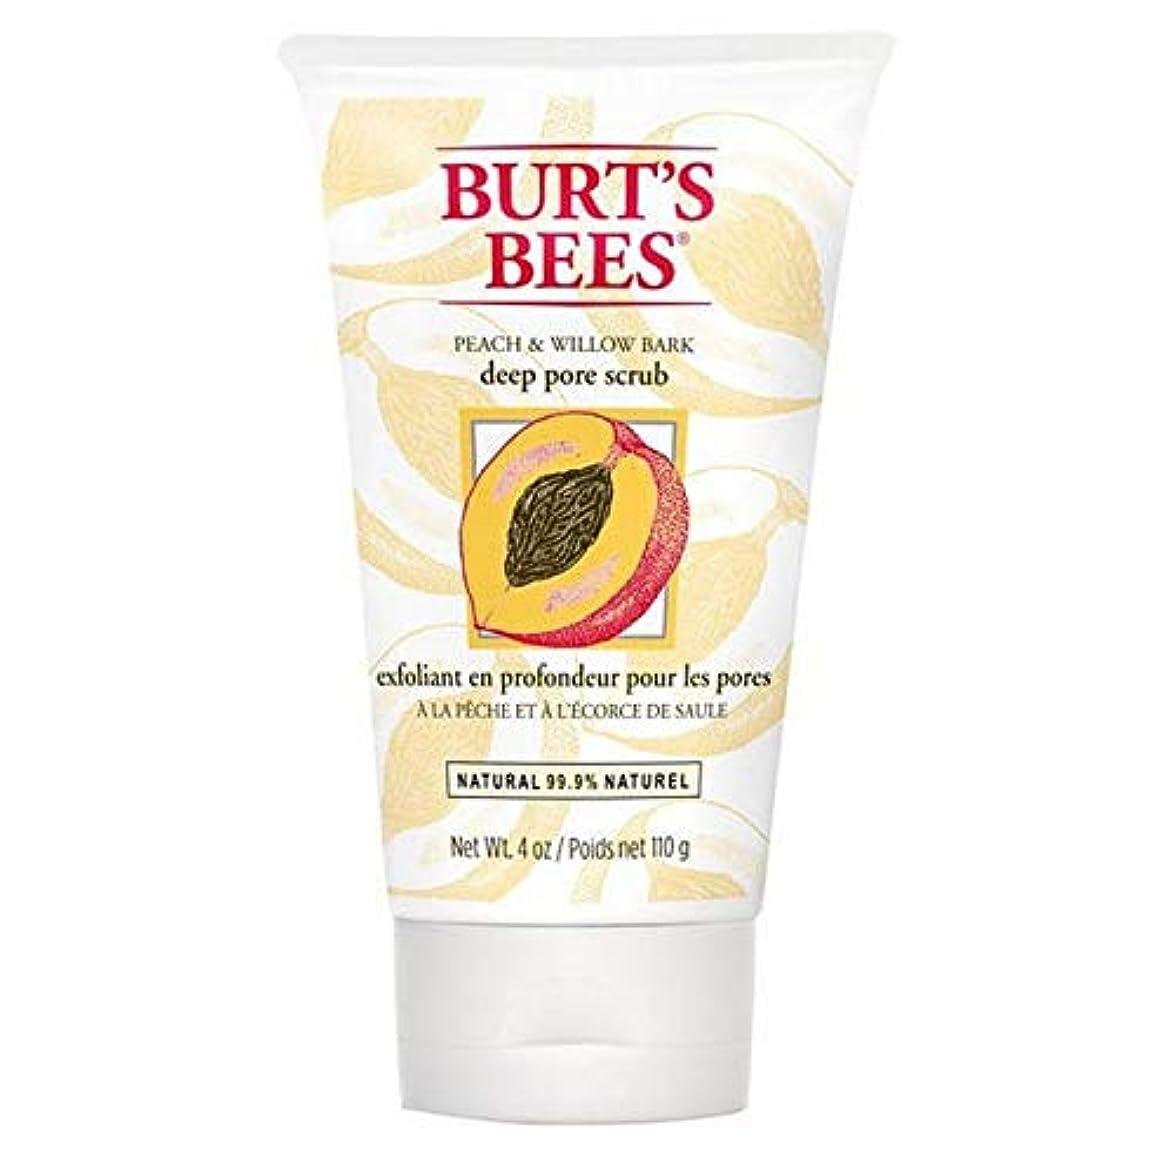 ワイド薬を飲むご意見[Burt's Bees] バーツビーの桃とWillowbark深いポアスクラブ110グラム - Burt's Bees Peach and Willowbark Deep Pore Scrub 110g [並行輸入品]